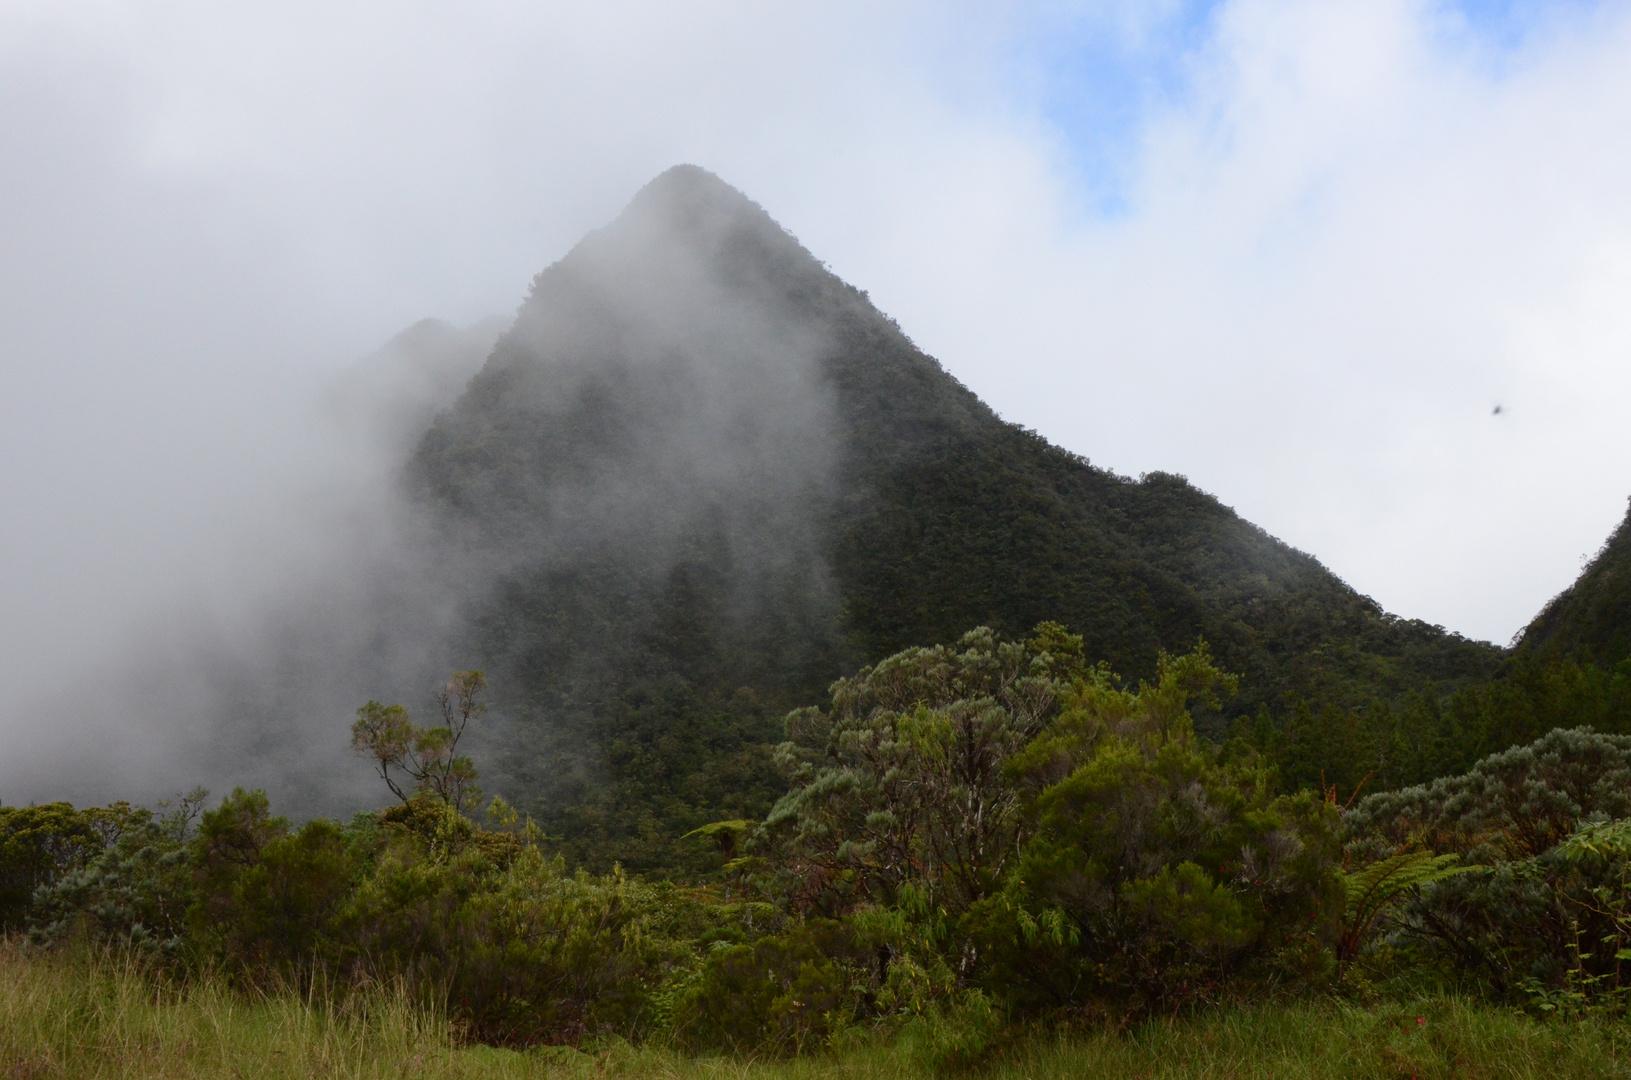 La Réunion - Bergkegel am Foret de Bebour im Nebel